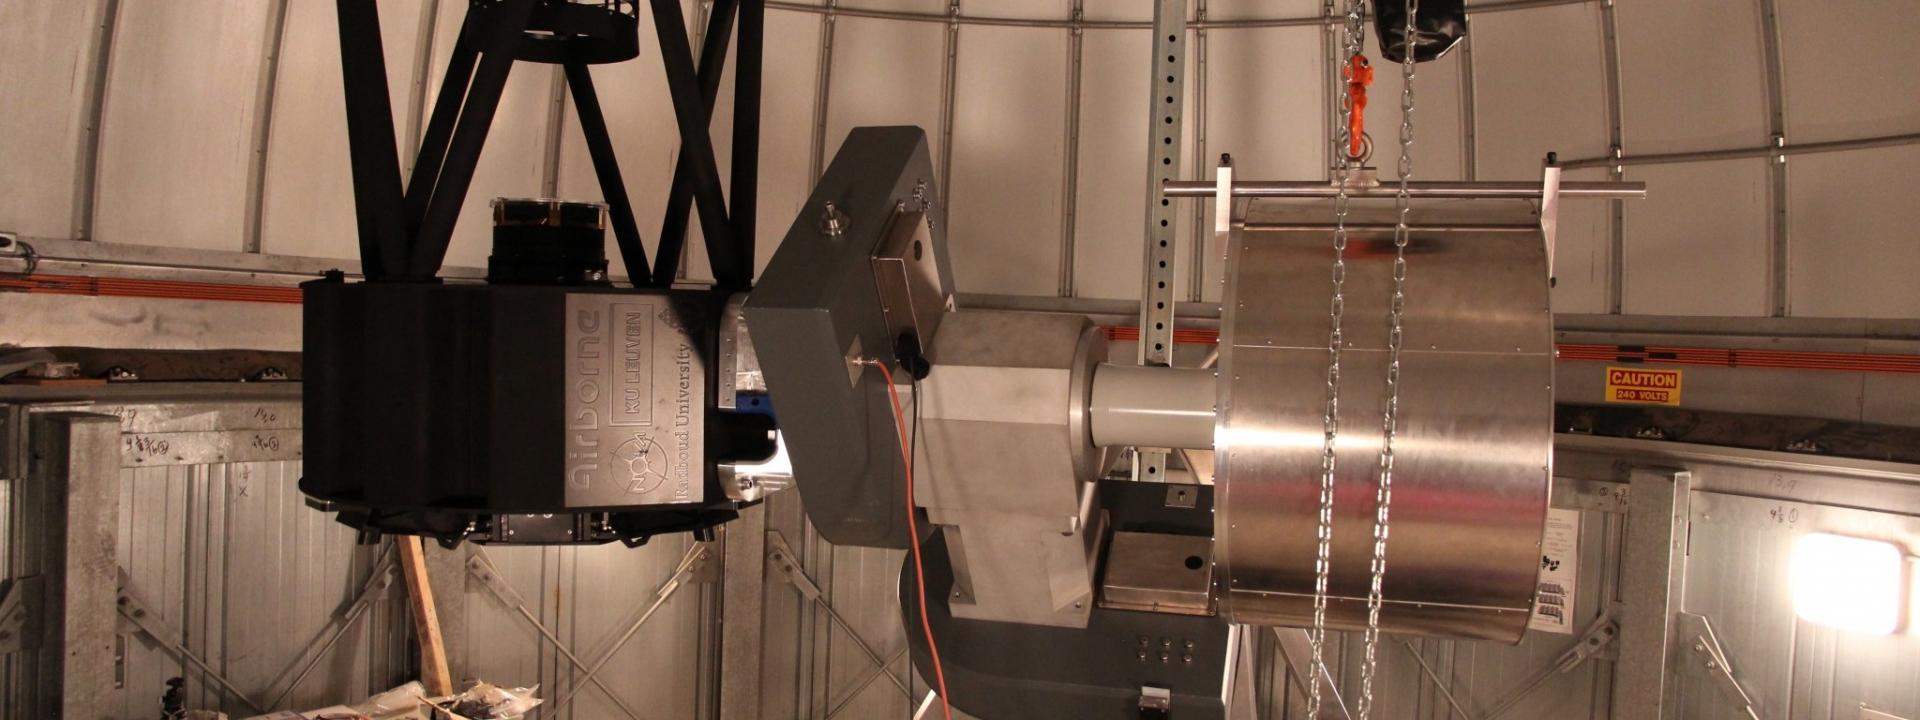 Telescope meets mount